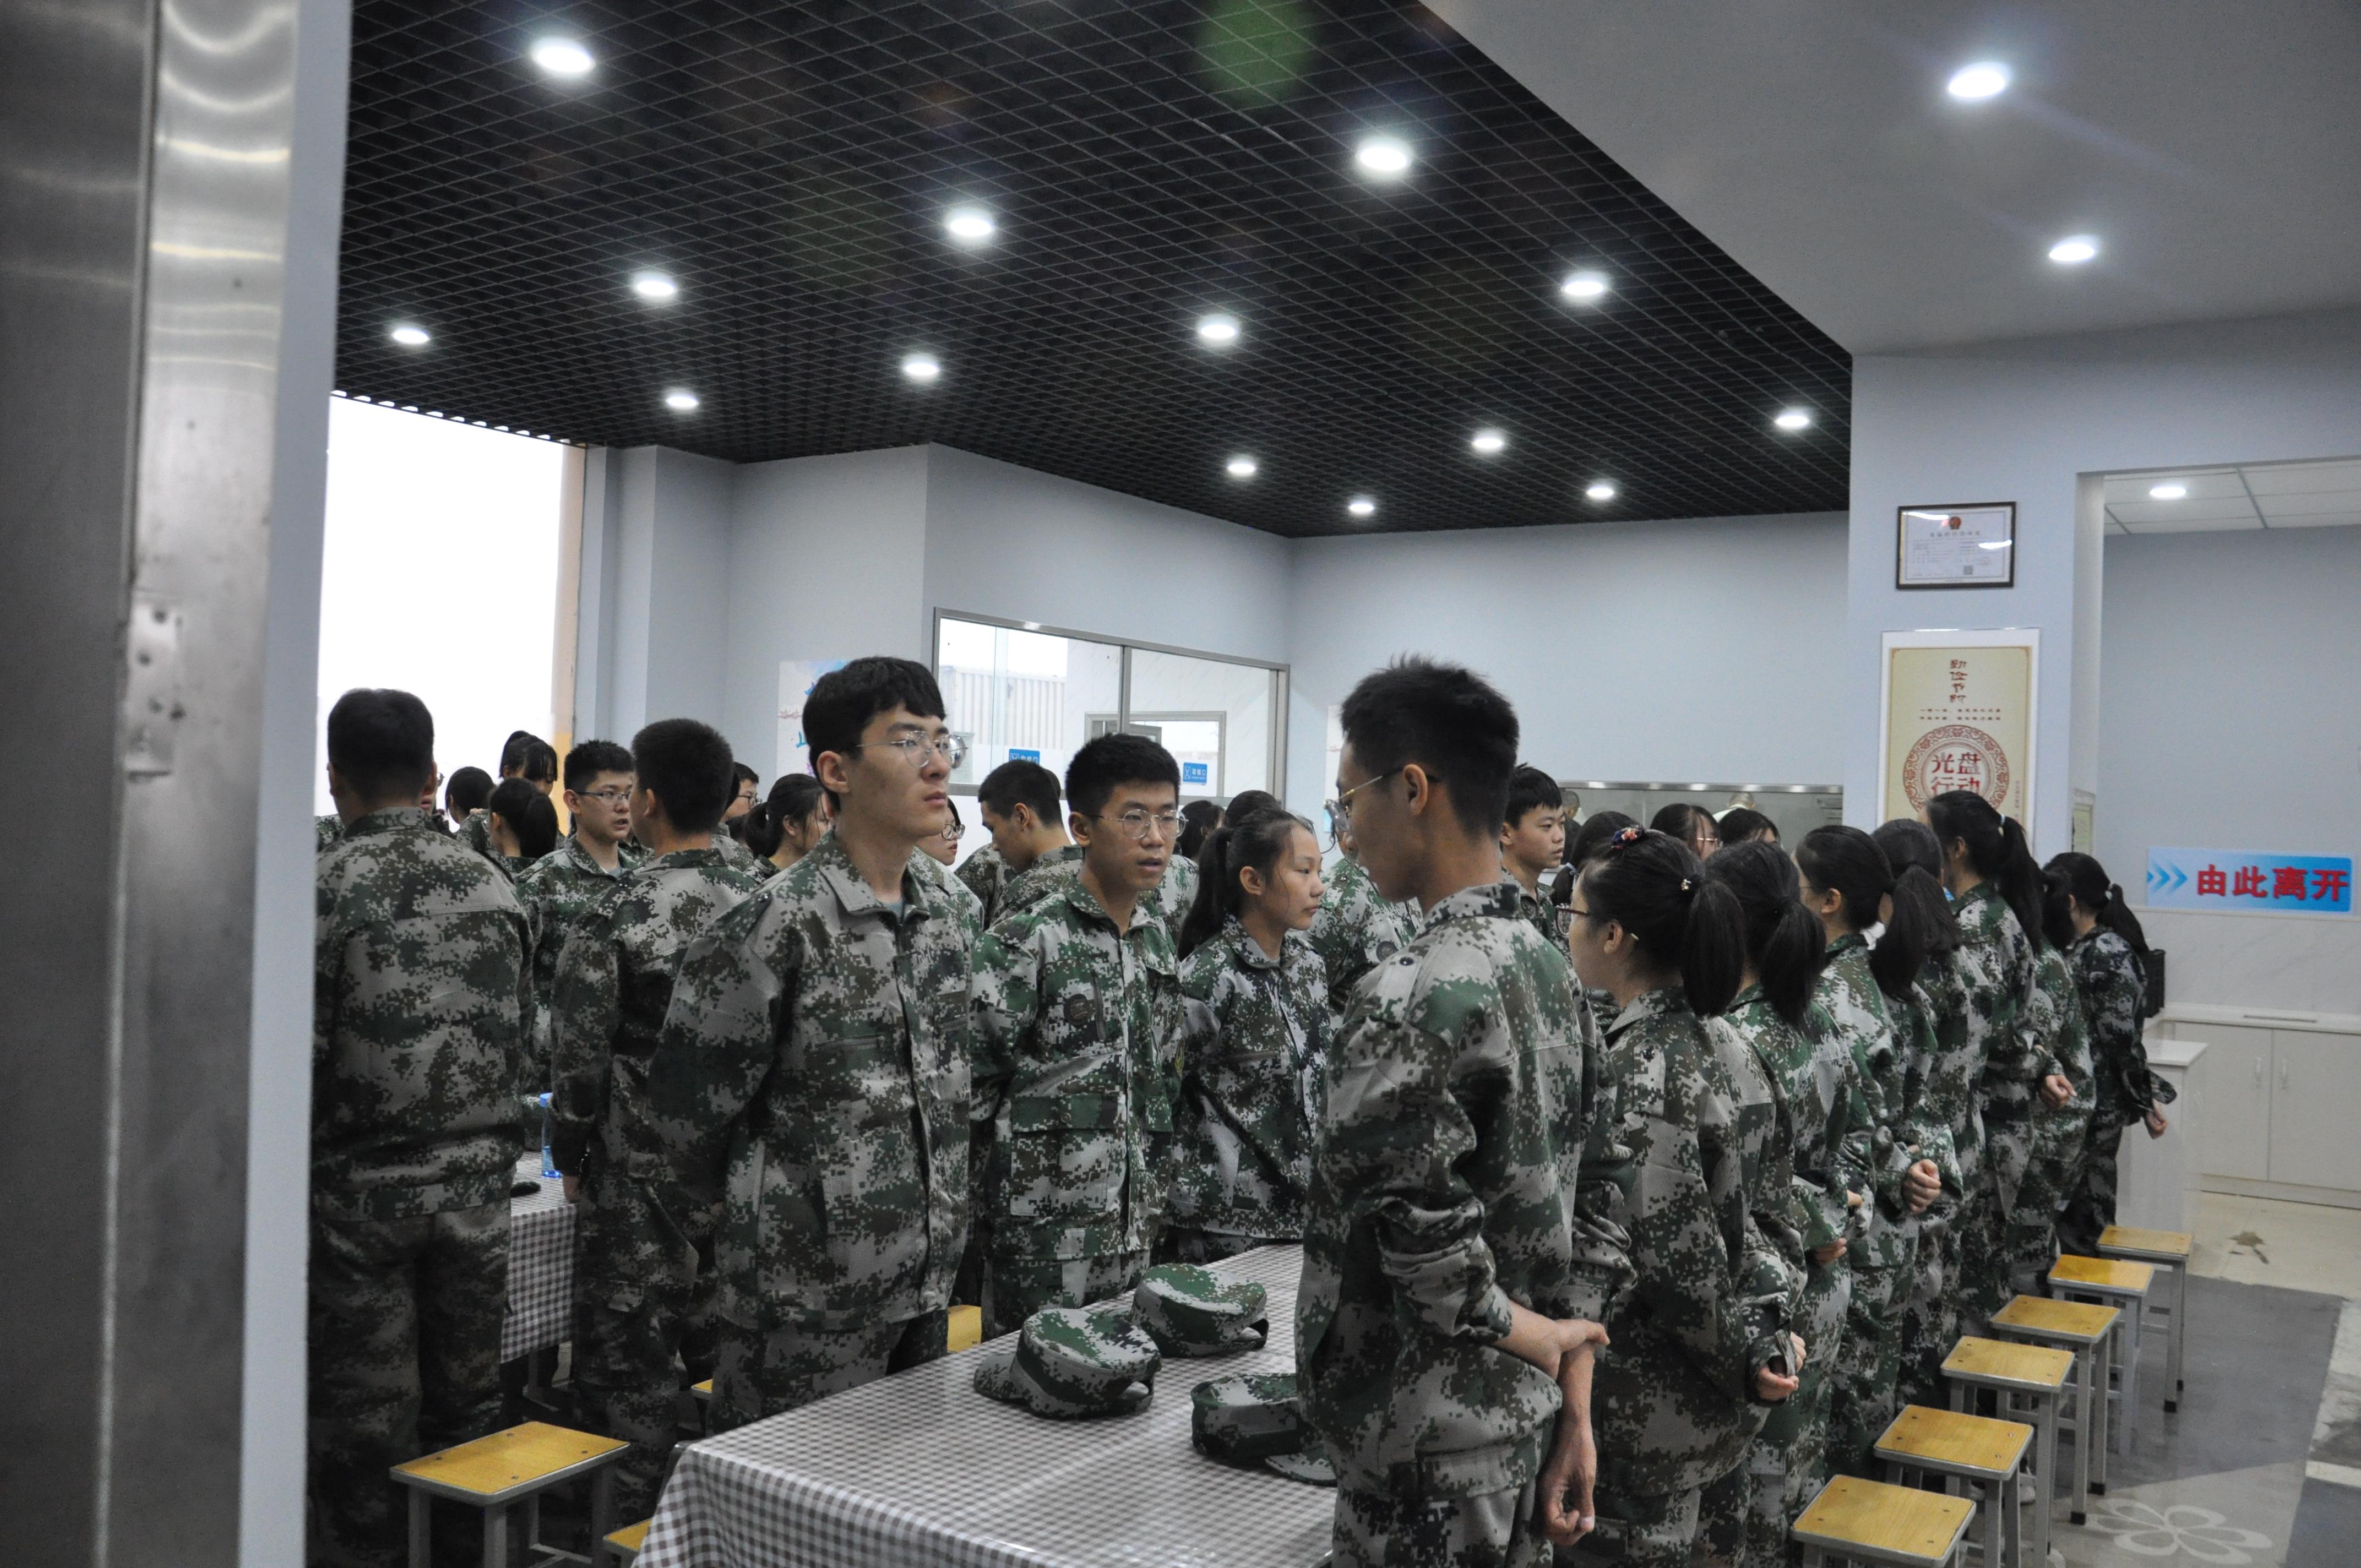 启学书院2020年新生军训精彩集锦